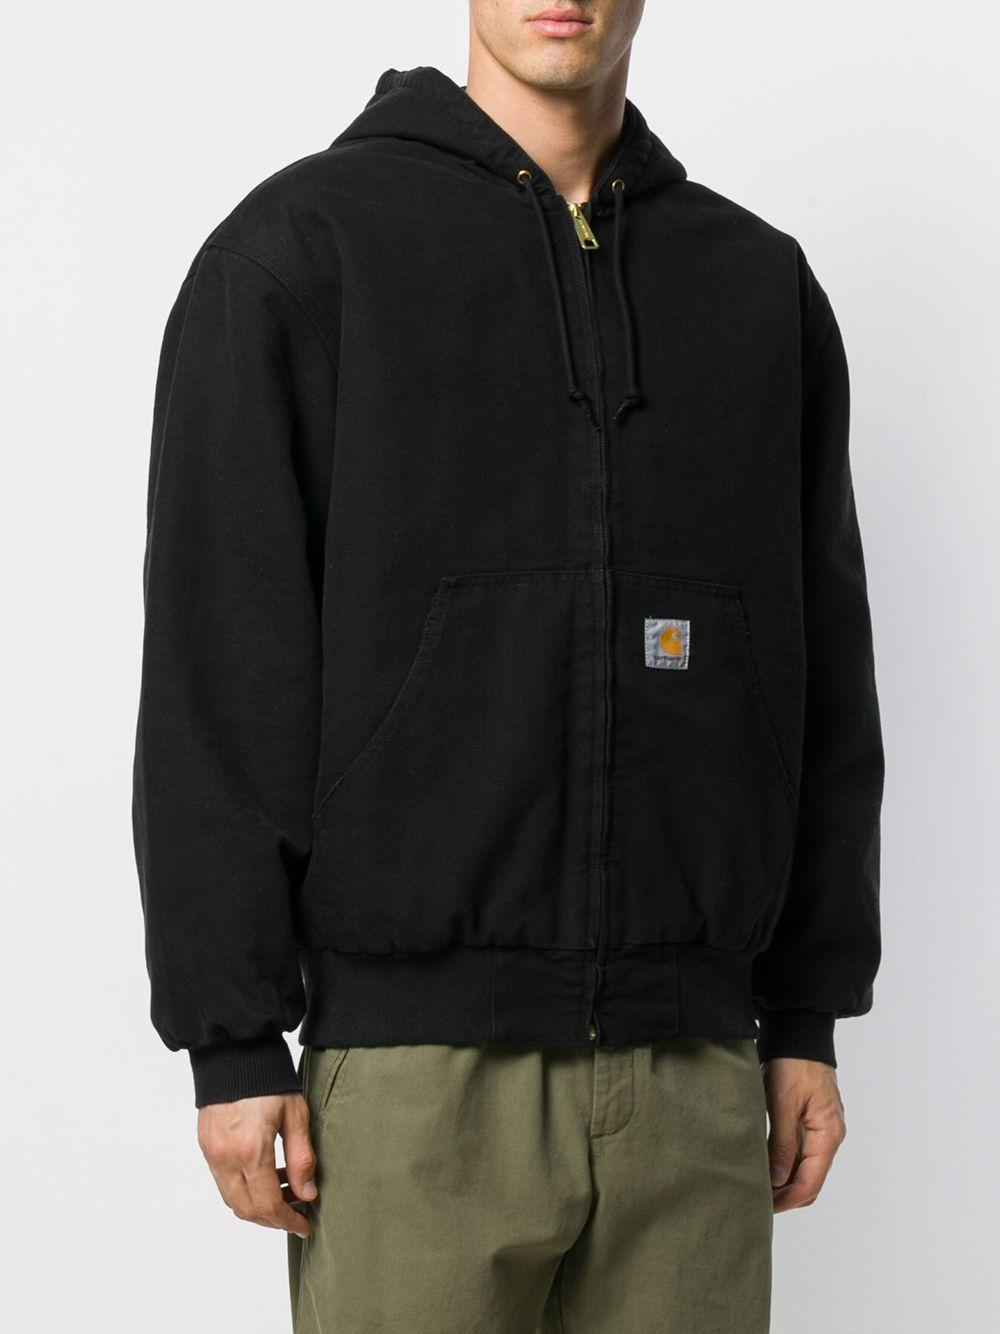 og active jacket man black in cotton CARHARTT WIP | Jackets | I02736089.3K